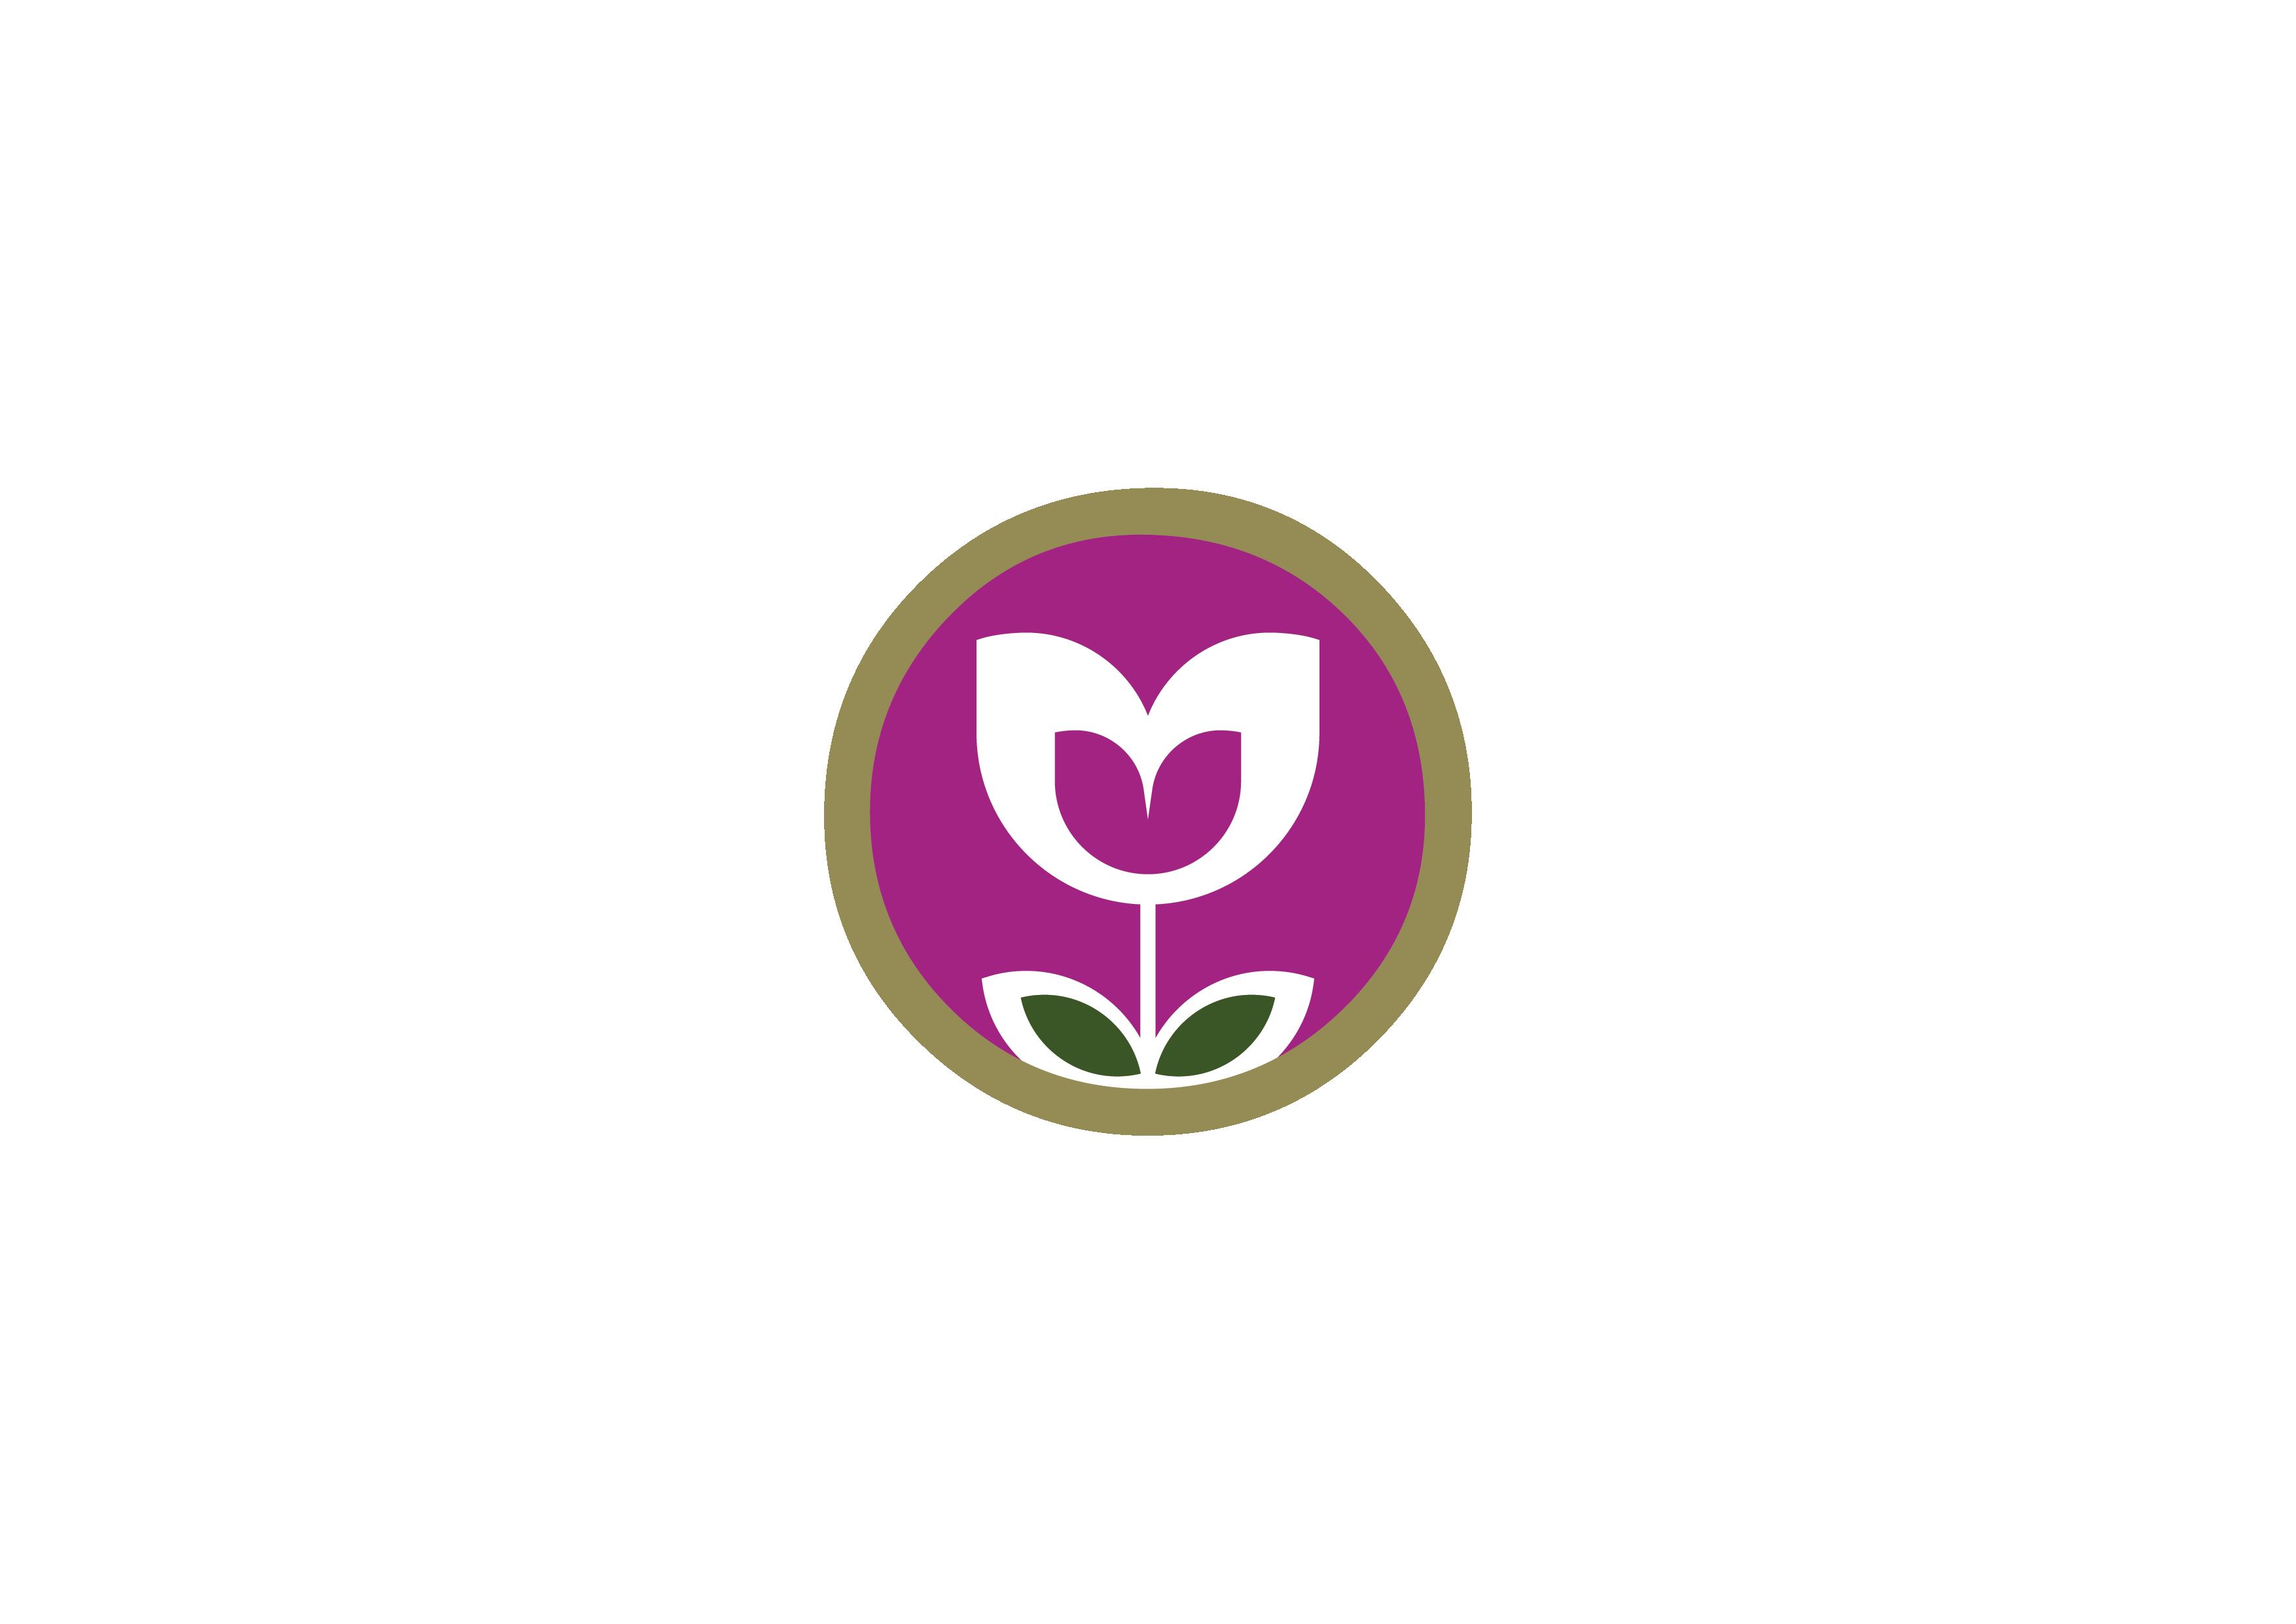 AFLODAY_Logo___Sadece_Amblem___01